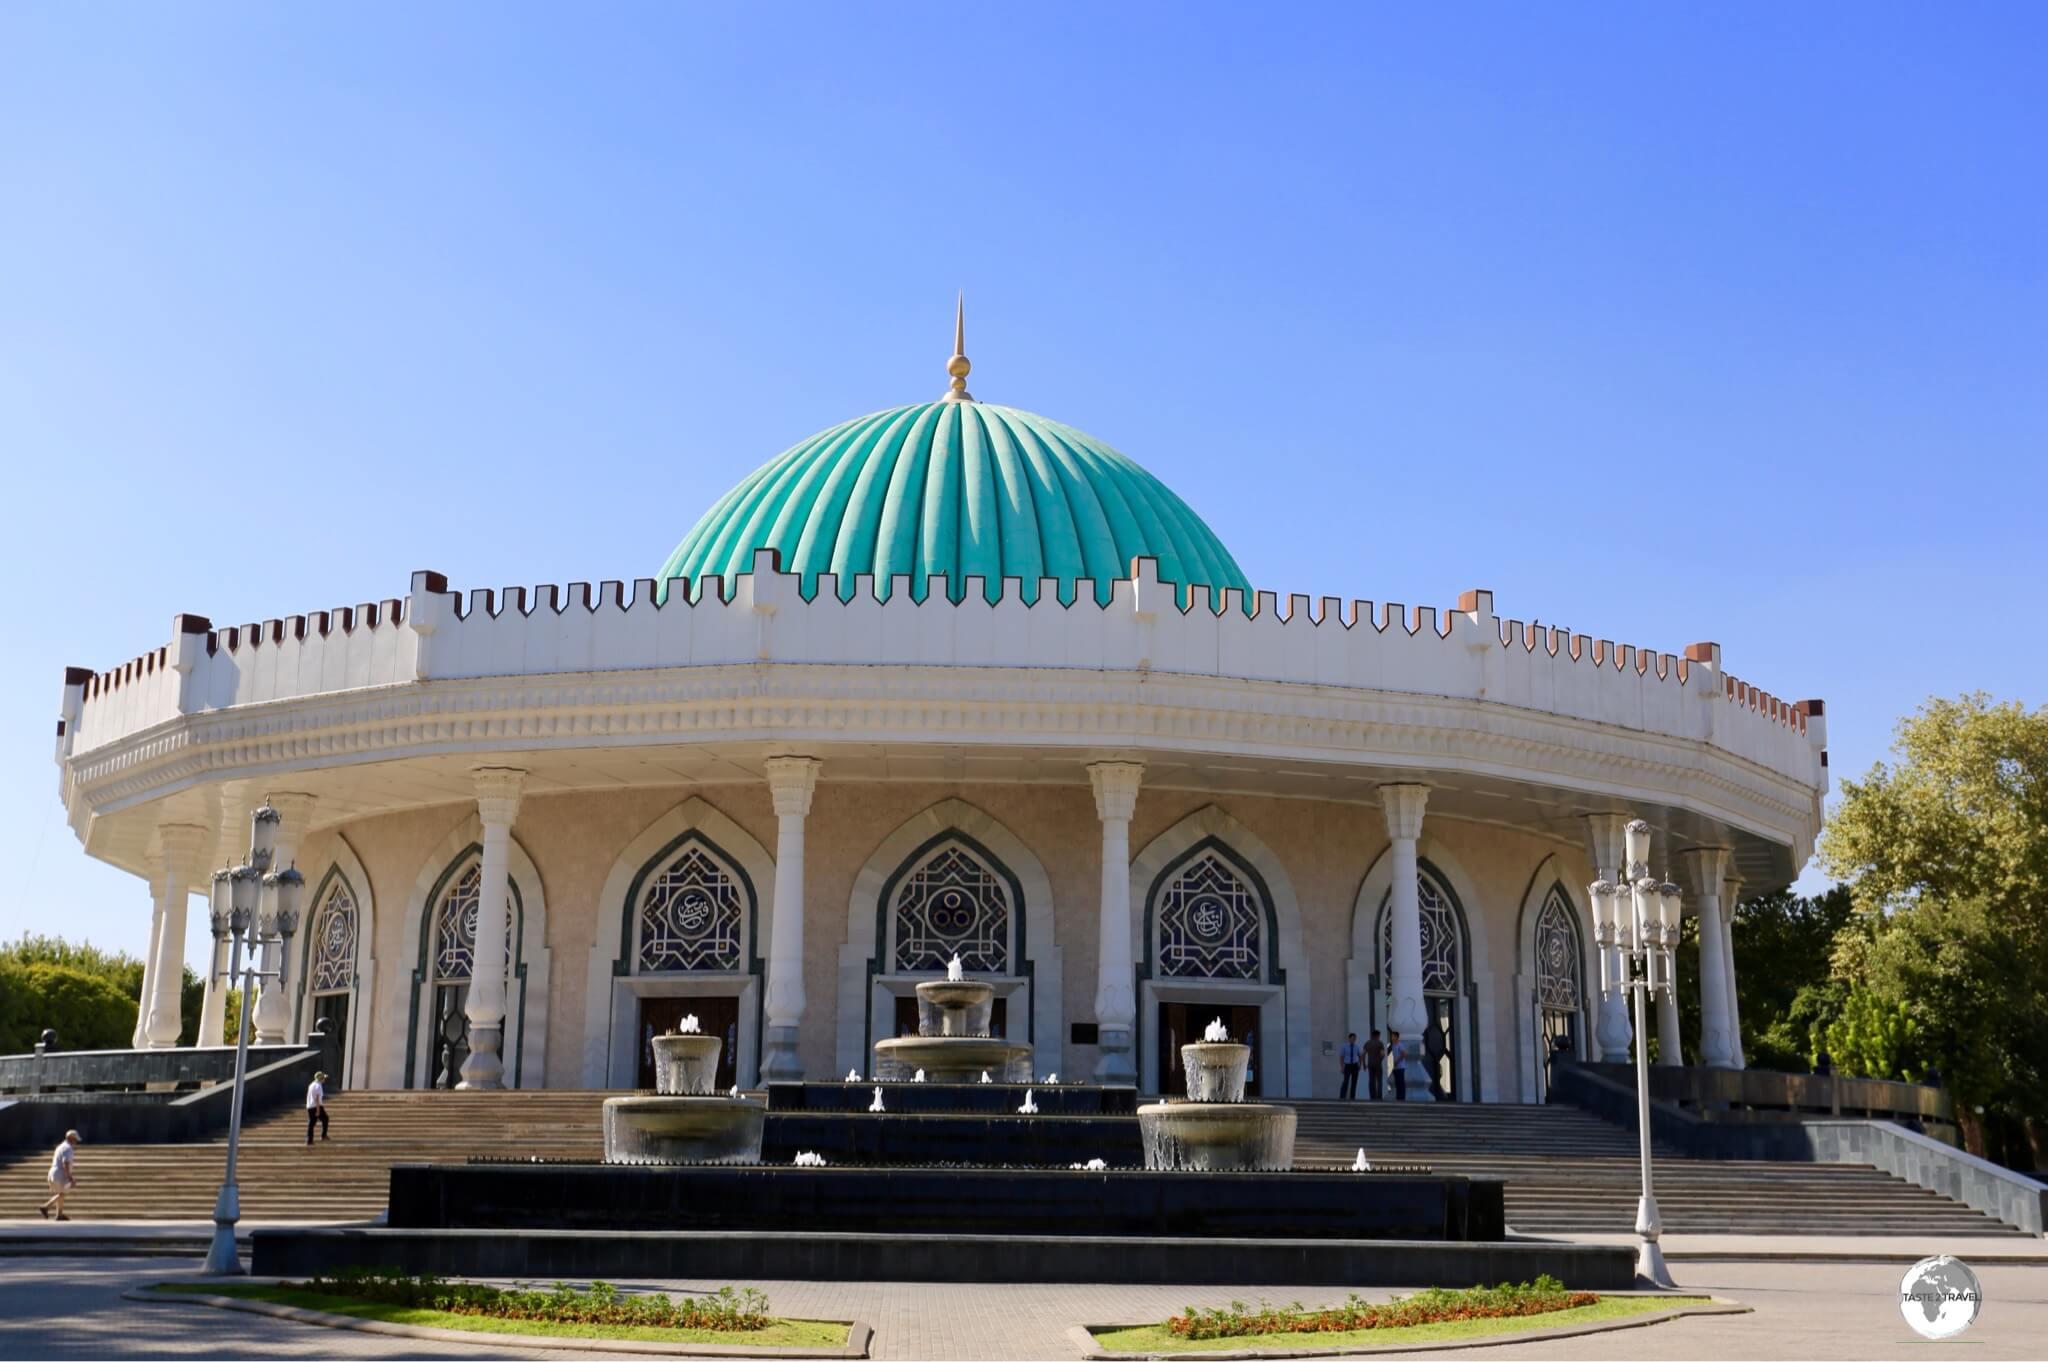 The Amir Timur Museum in Tashkent.